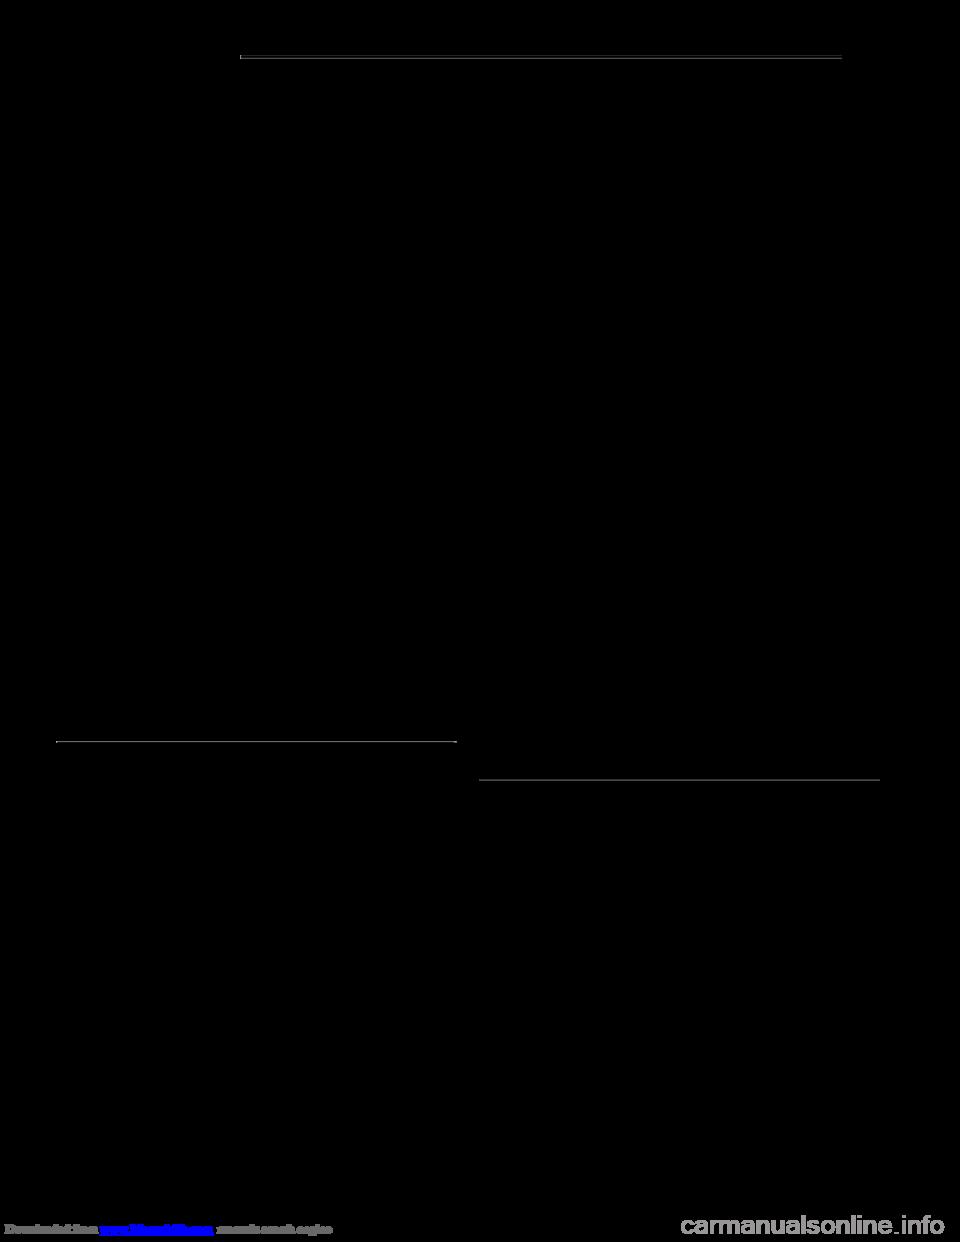 1999 Dodge Dakota Abs Sensor Location